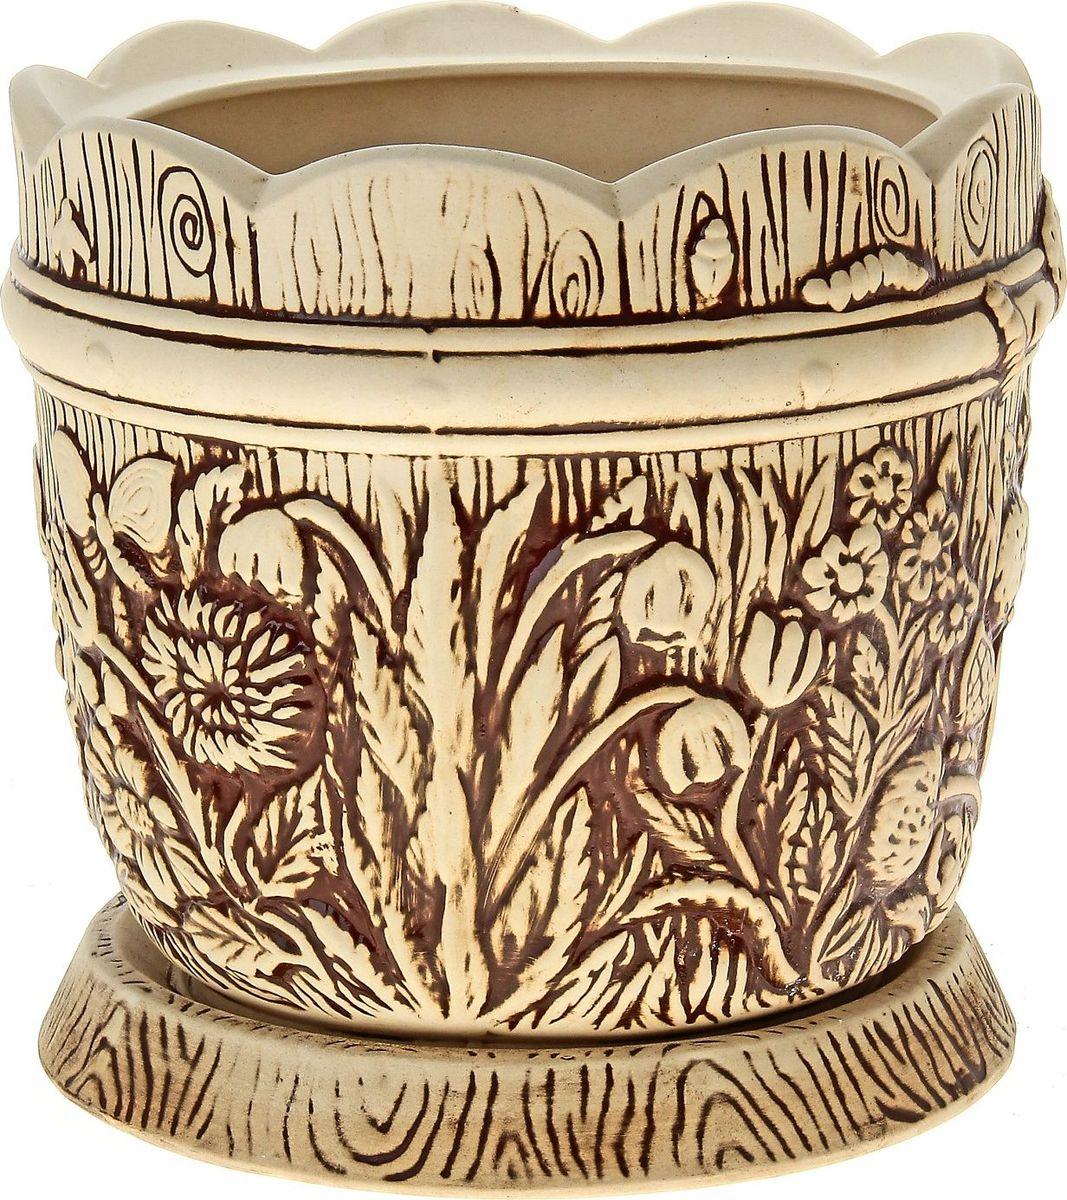 Кашпо Керамика ручной работы Поляна, цвет: шамот, 14,5 л144221Комнатные растения — всеобщие любимцы. Они радуют глаз, насыщают помещение кислородом и украшают пространство. Каждому из них необходим свой удобный и красивый дом. Кашпо из керамики прекрасно подходят для высадки растений: за счёт пластичности глины и разных способов обработки существует великое множество форм и дизайновпористый материал позволяет испаряться лишней влагевоздух, необходимый для дыхания корней, проникает сквозь керамические стенки! #name# позаботится о зелёном питомце, освежит интерьер и подчеркнёт его стиль.